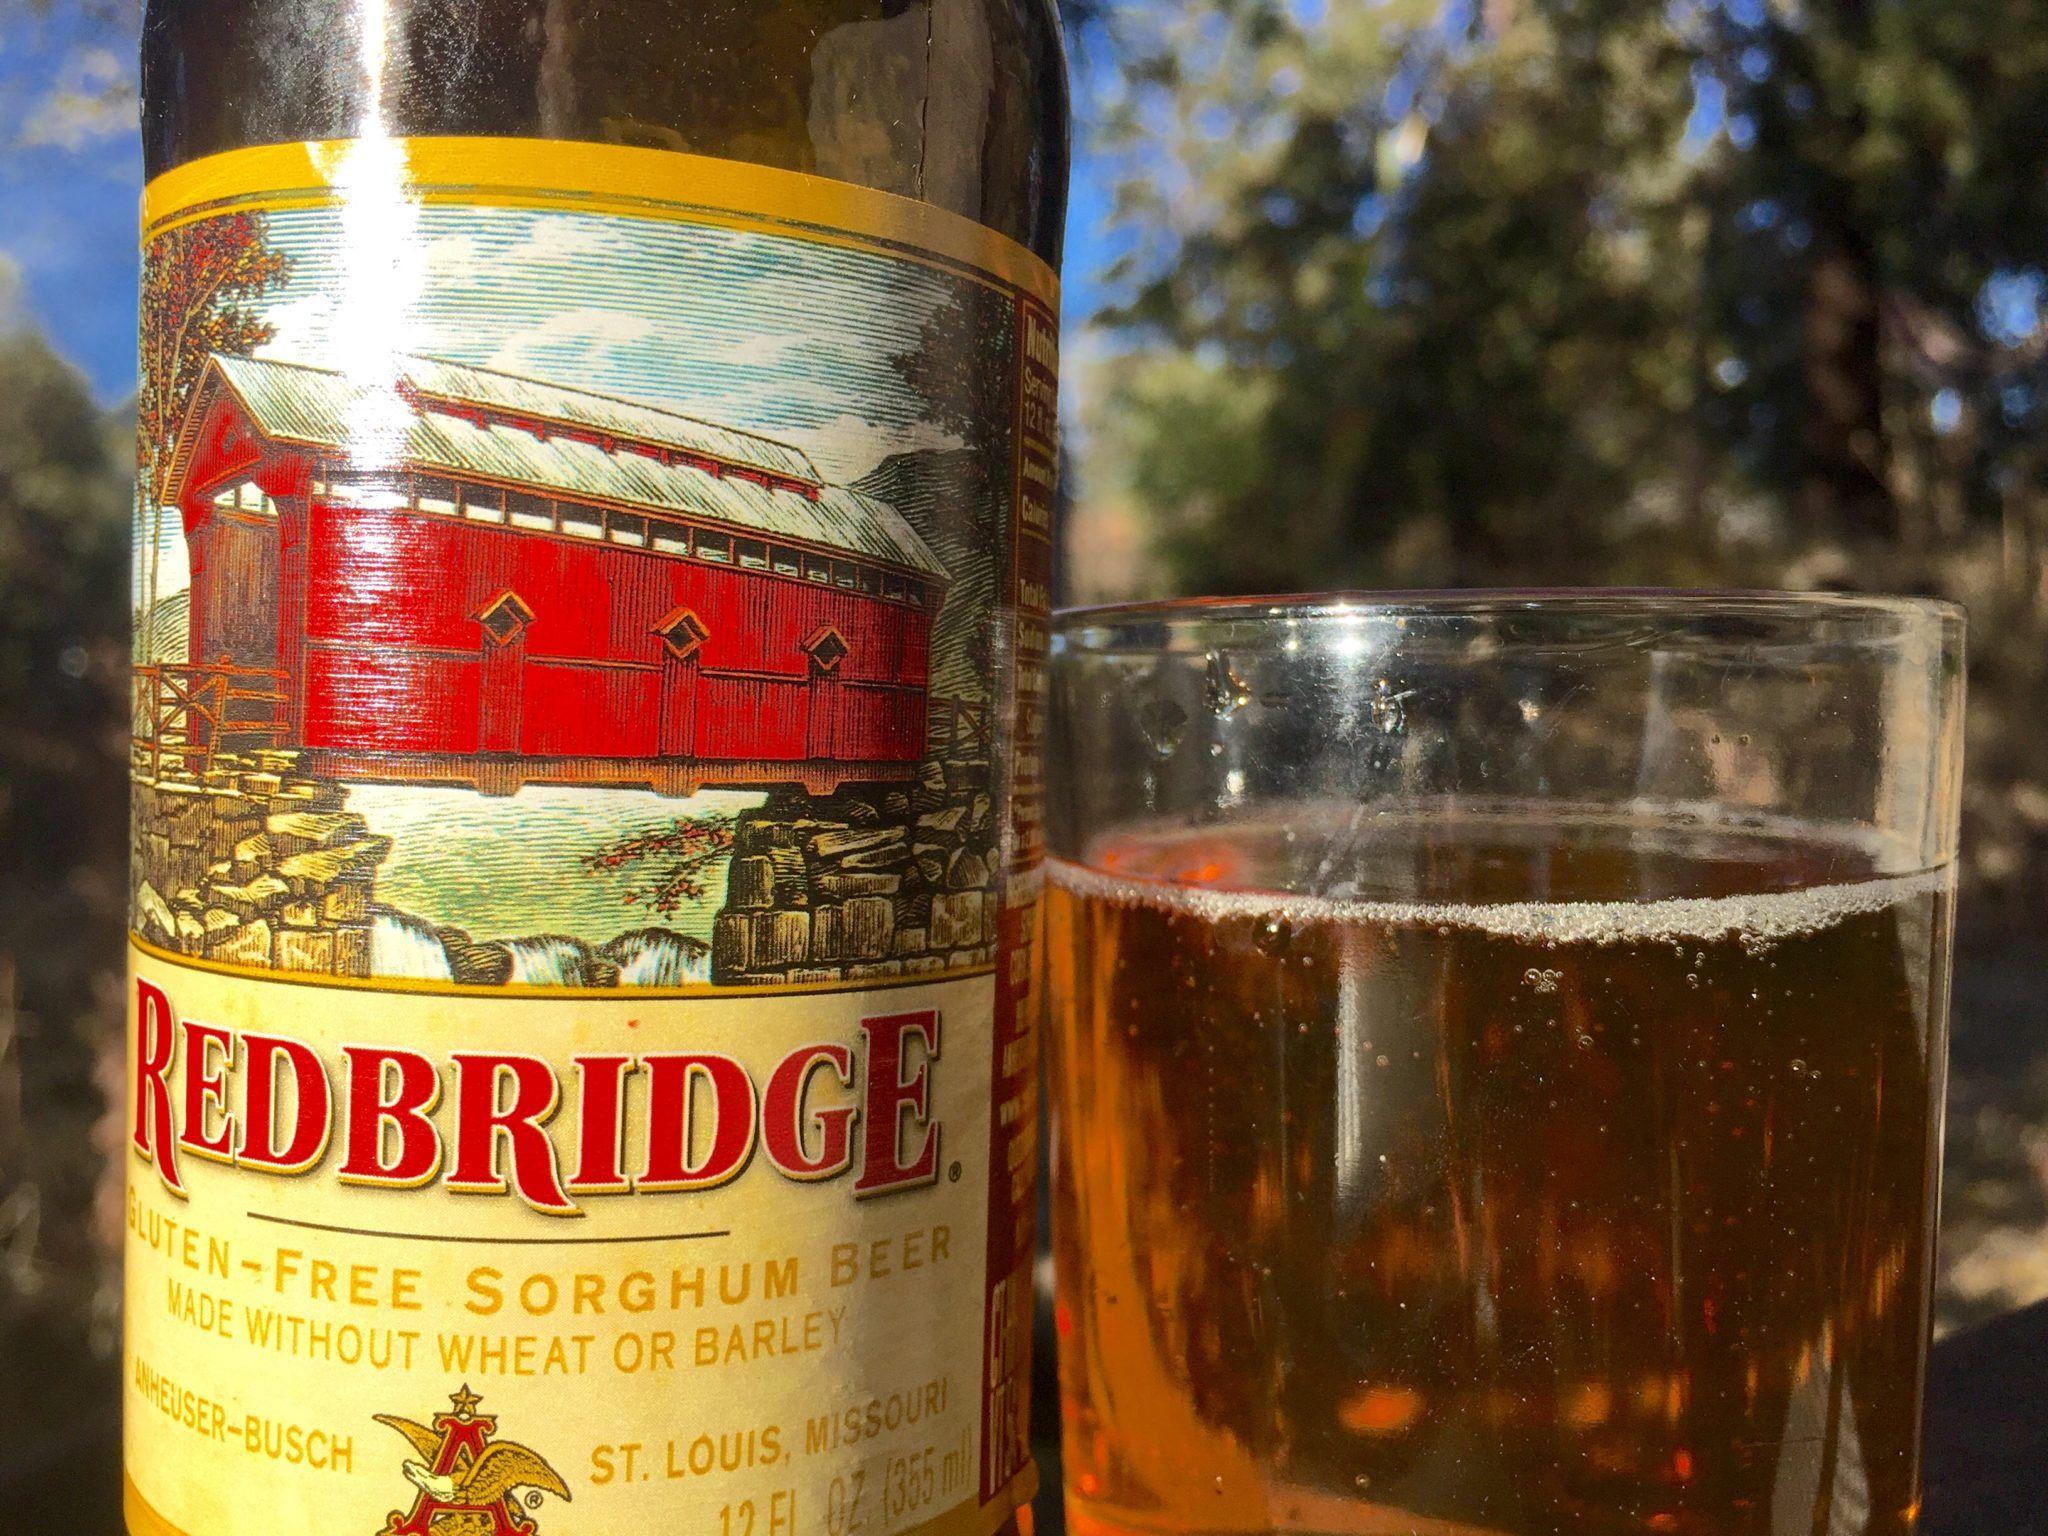 Anaheuser-Busch redbridge gluten free beer review